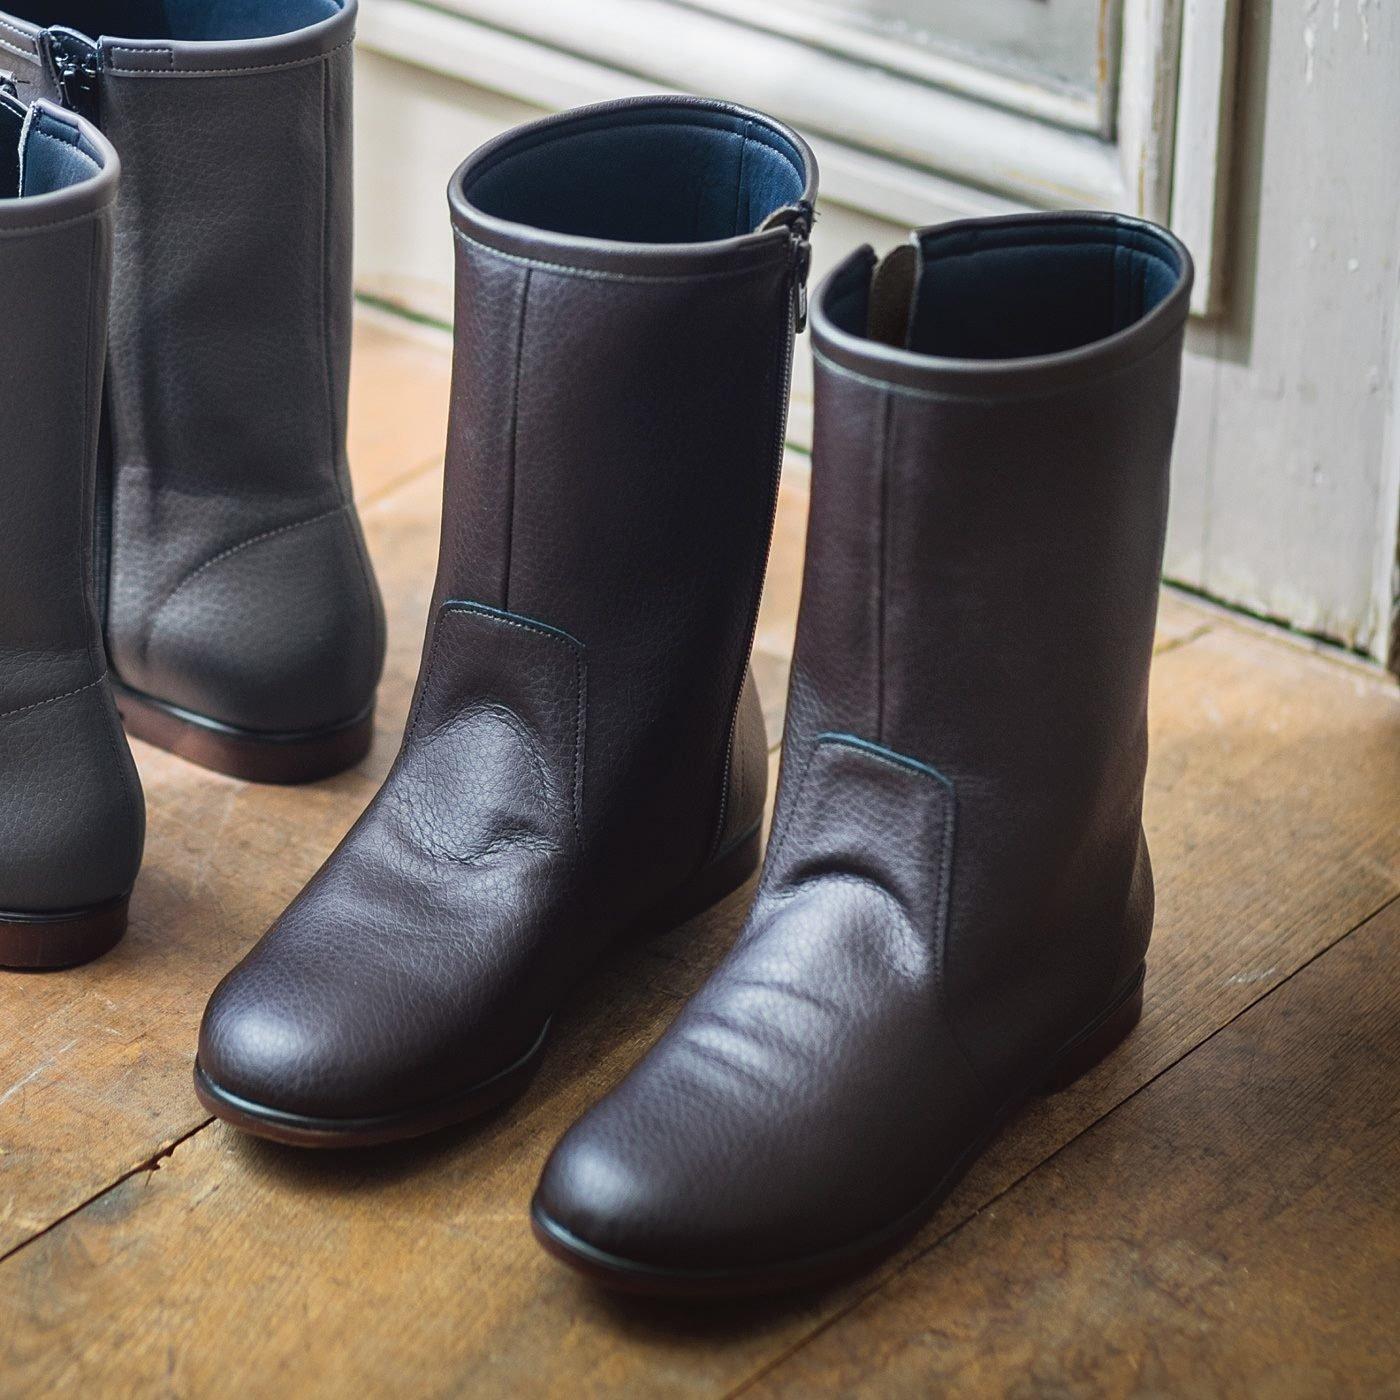 ずっと履きたいからこの形になった はっ水牛革のやわらか日本製ミドル丈ブーツ〈ディープブラウン〉